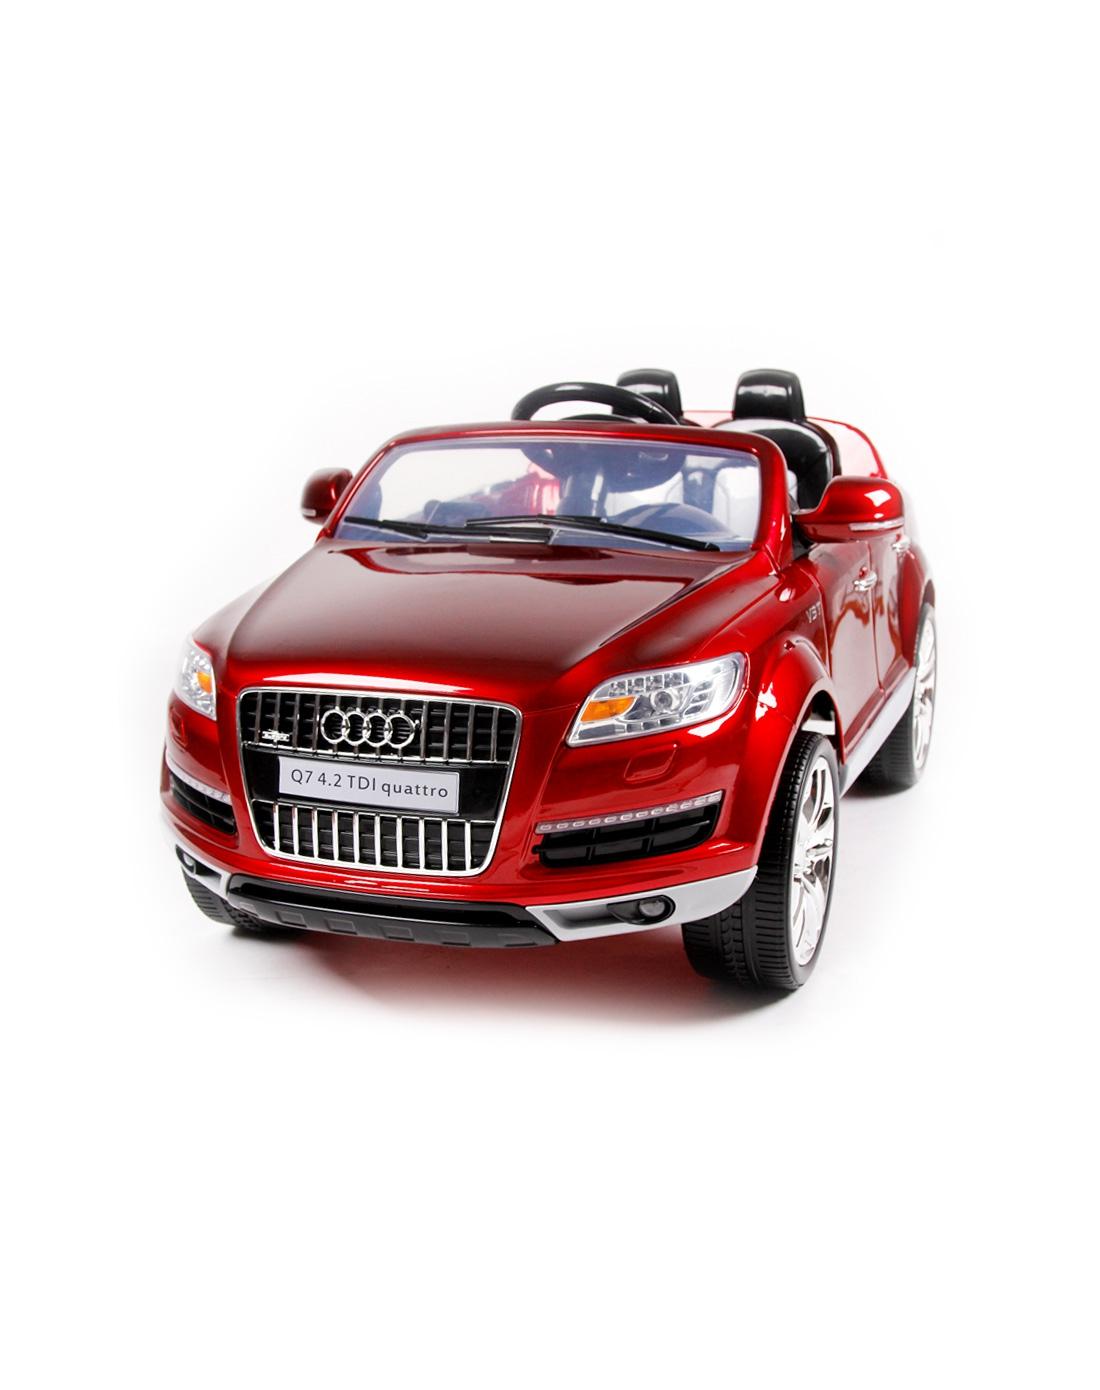 聚品童车混合专场-奥迪q7烤漆2.4g版儿童电动车